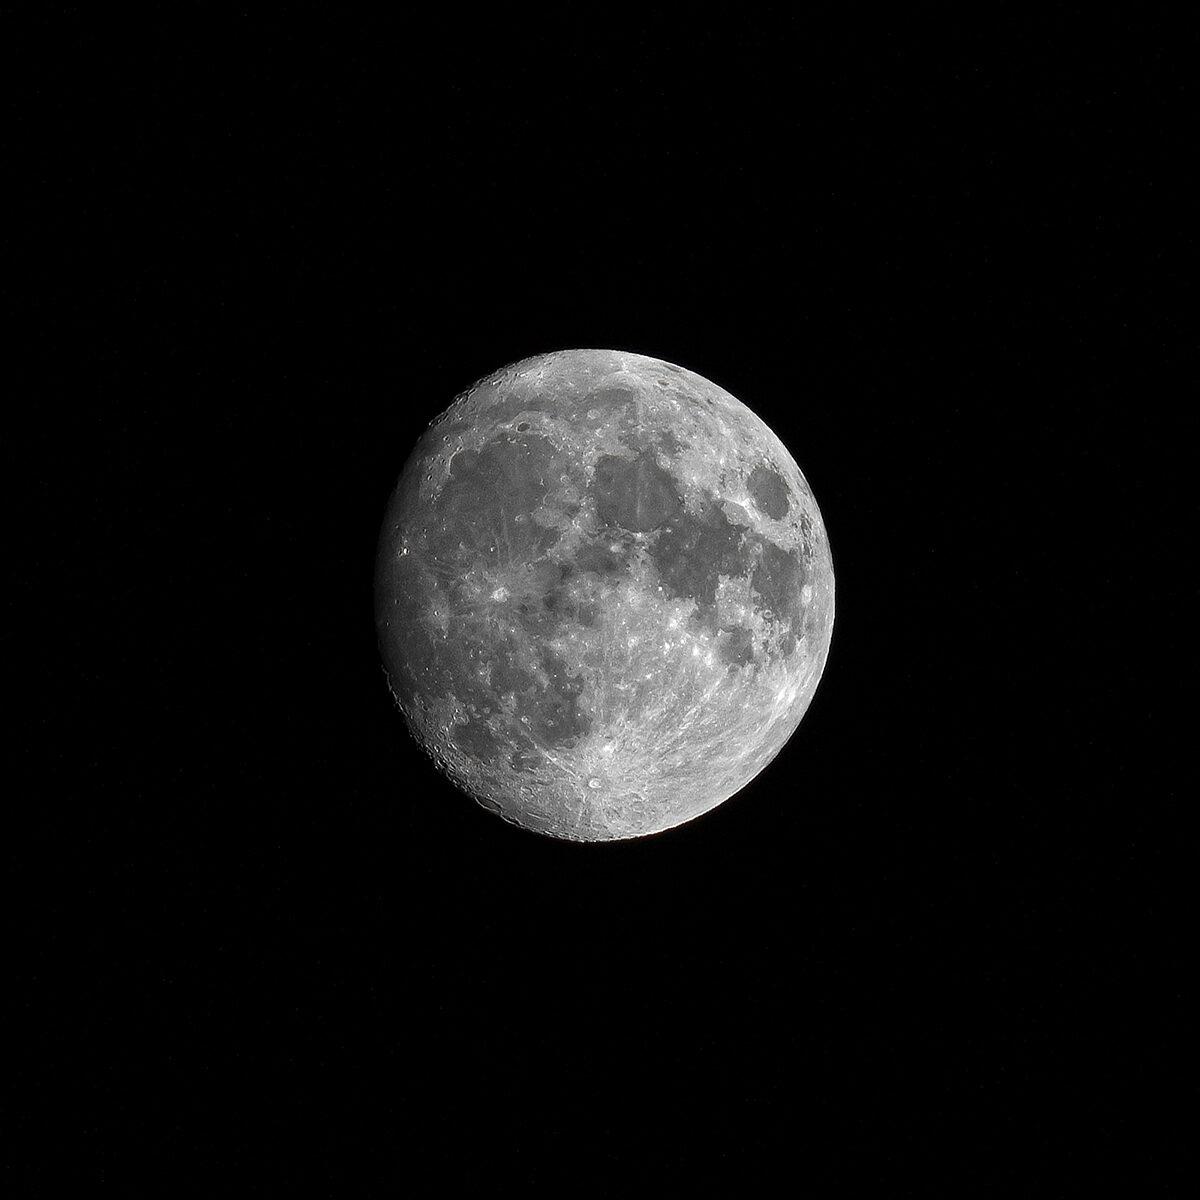 Mond bei 300mm Brennweite an Vollformat